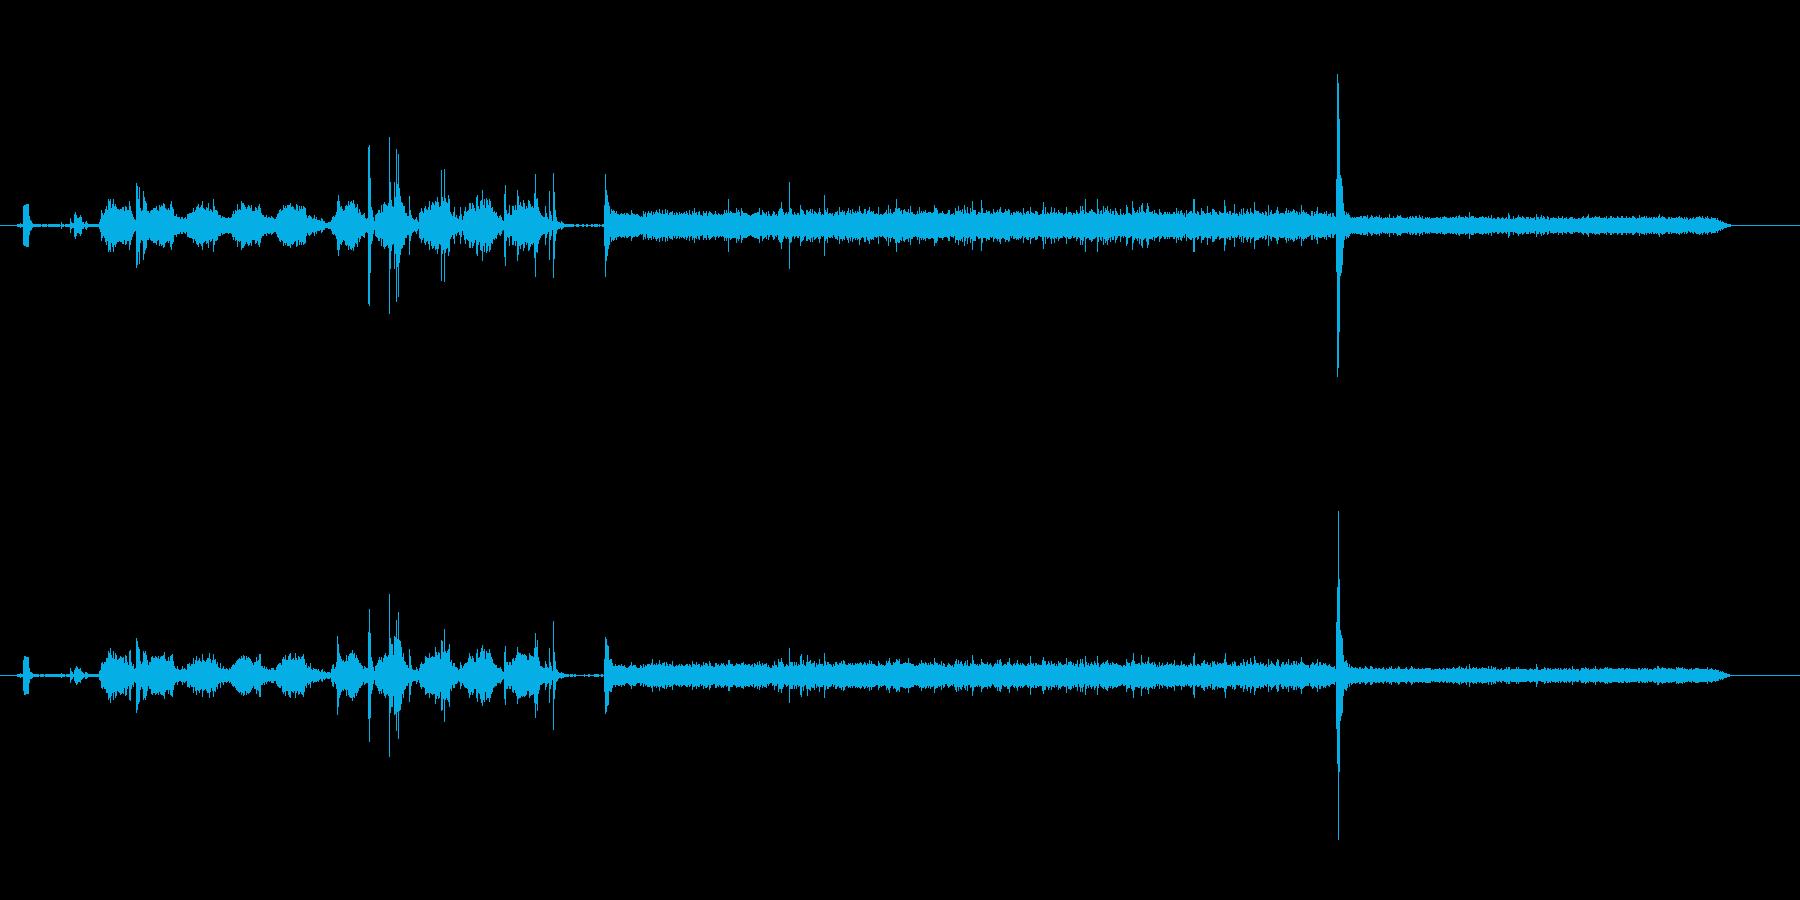 洗濯機の電源を入れてフタをする音の再生済みの波形